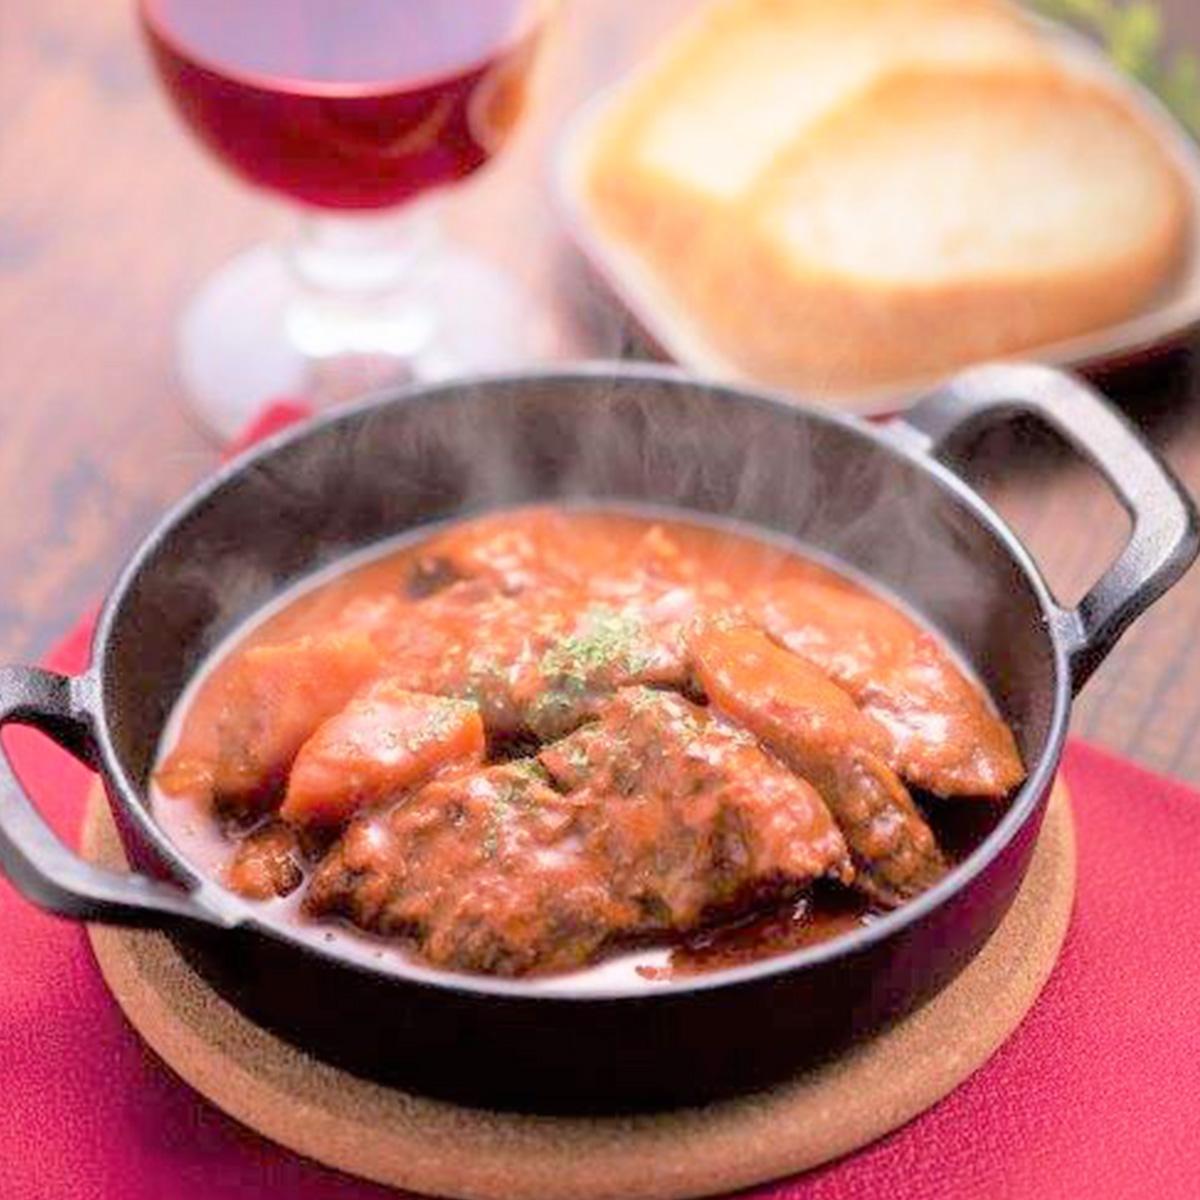 だい天 国産 豚バラ軟骨 みさわパイカ煮三種セット〔赤ワイン煮170g×2・トマト煮170g×2・みそ煮190g×2〕